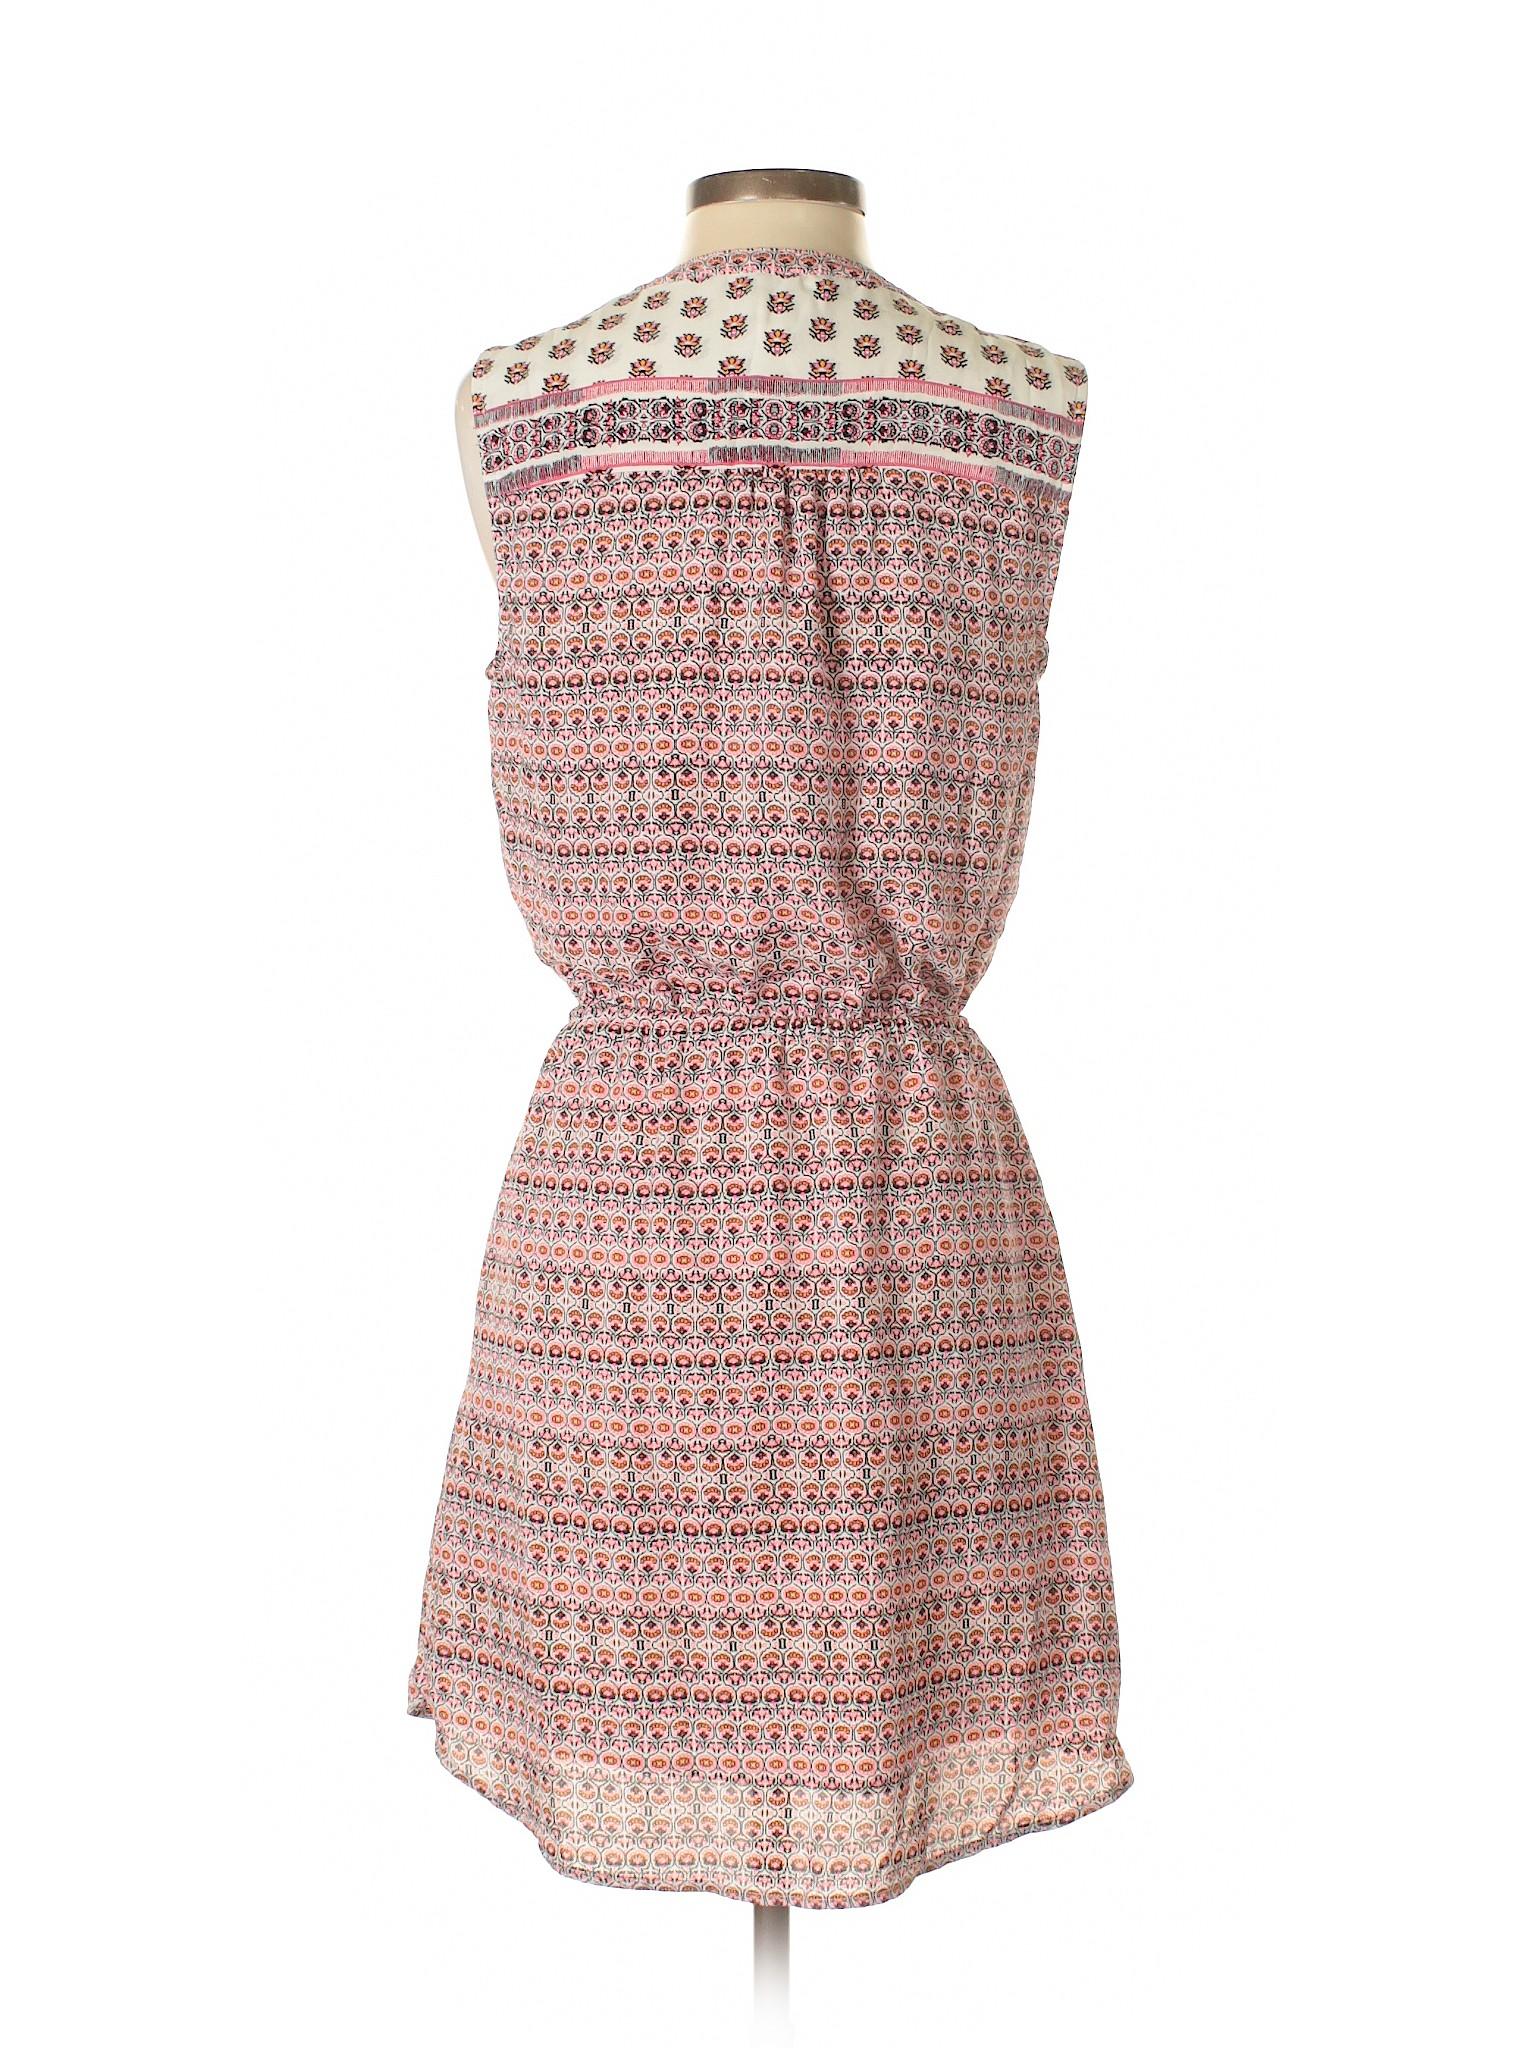 Boutique Casual Gap winter Boutique winter Dress SOxw4yqp